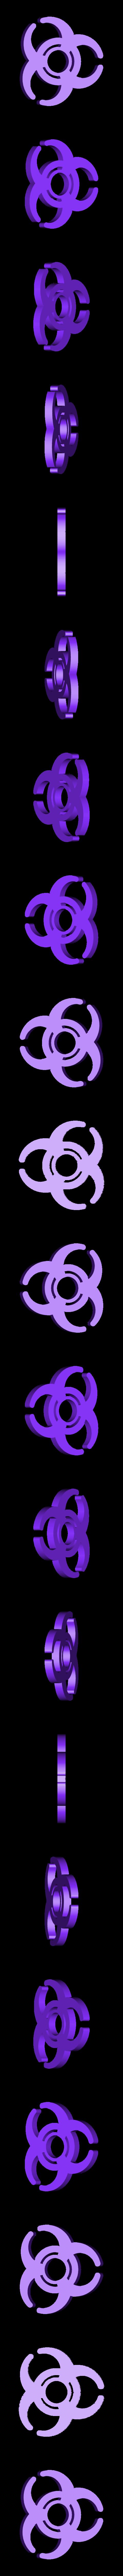 0d2ac789 6f64 4b2d ba8c 90bbf85cf9e4